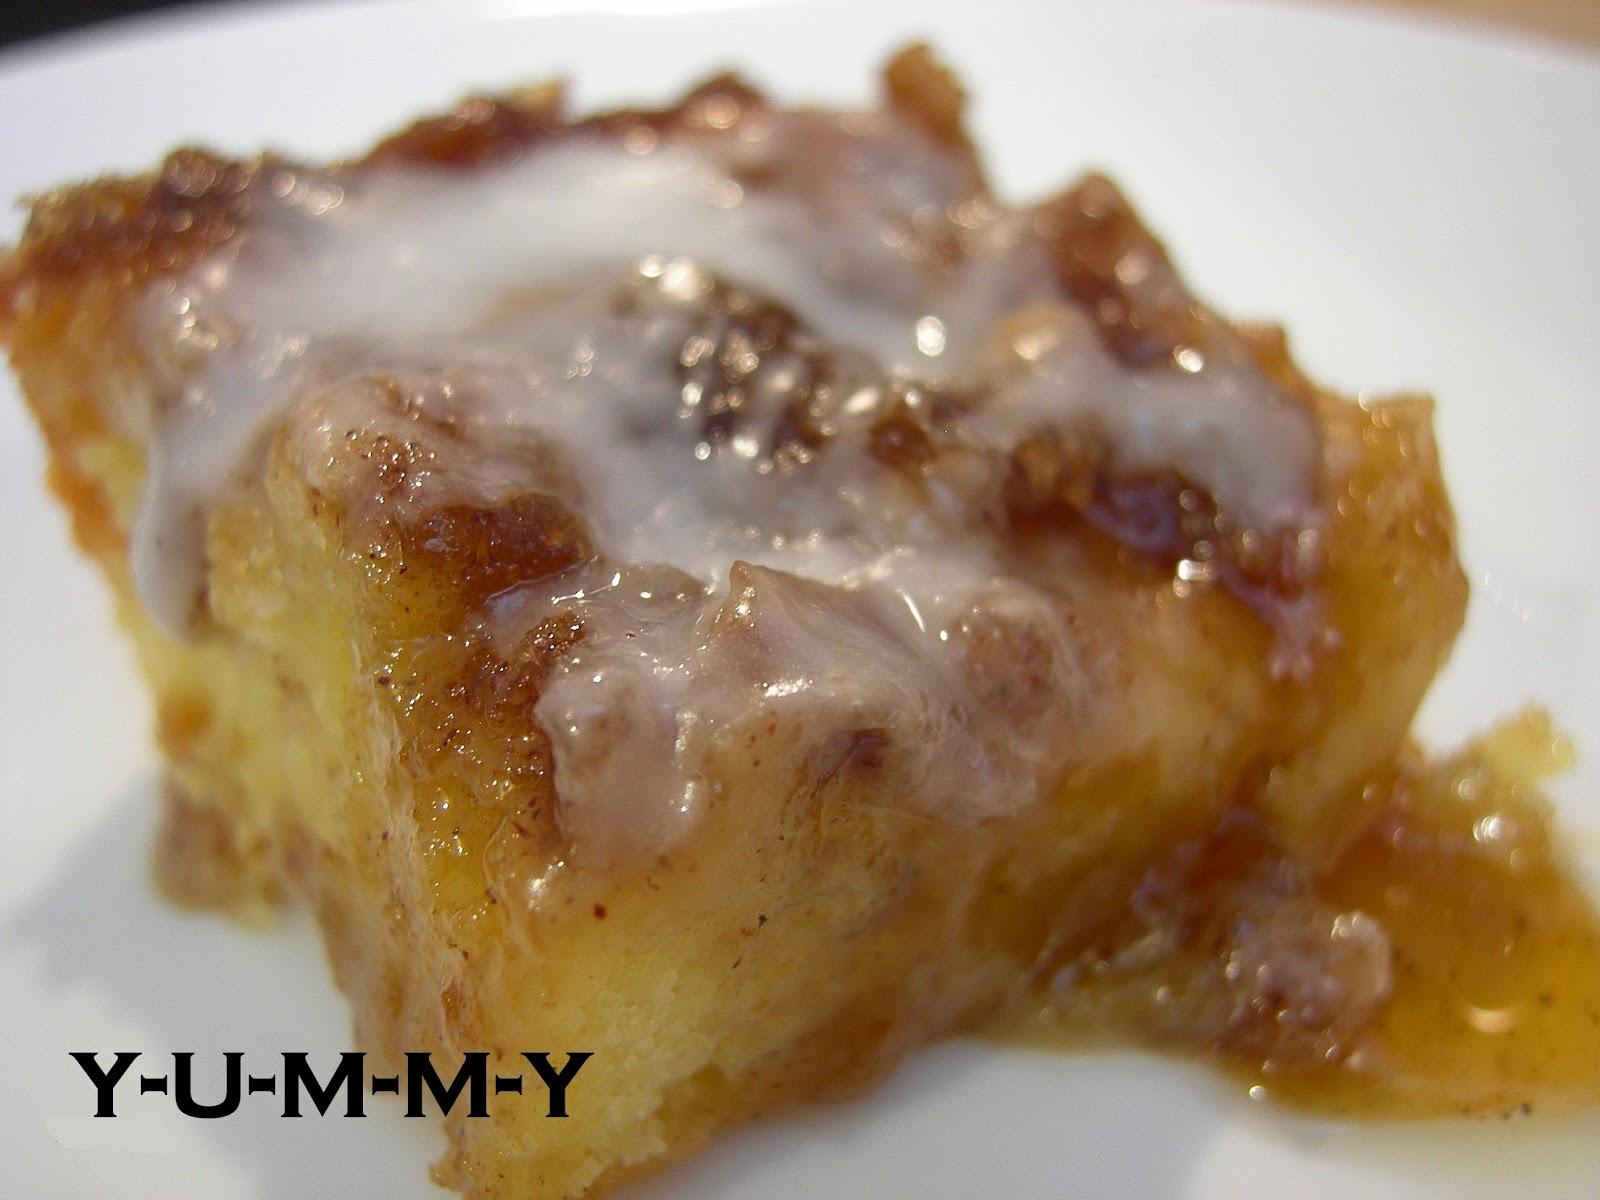 Cinnamon Bun Shortcut - Cinnamon Bun Bread